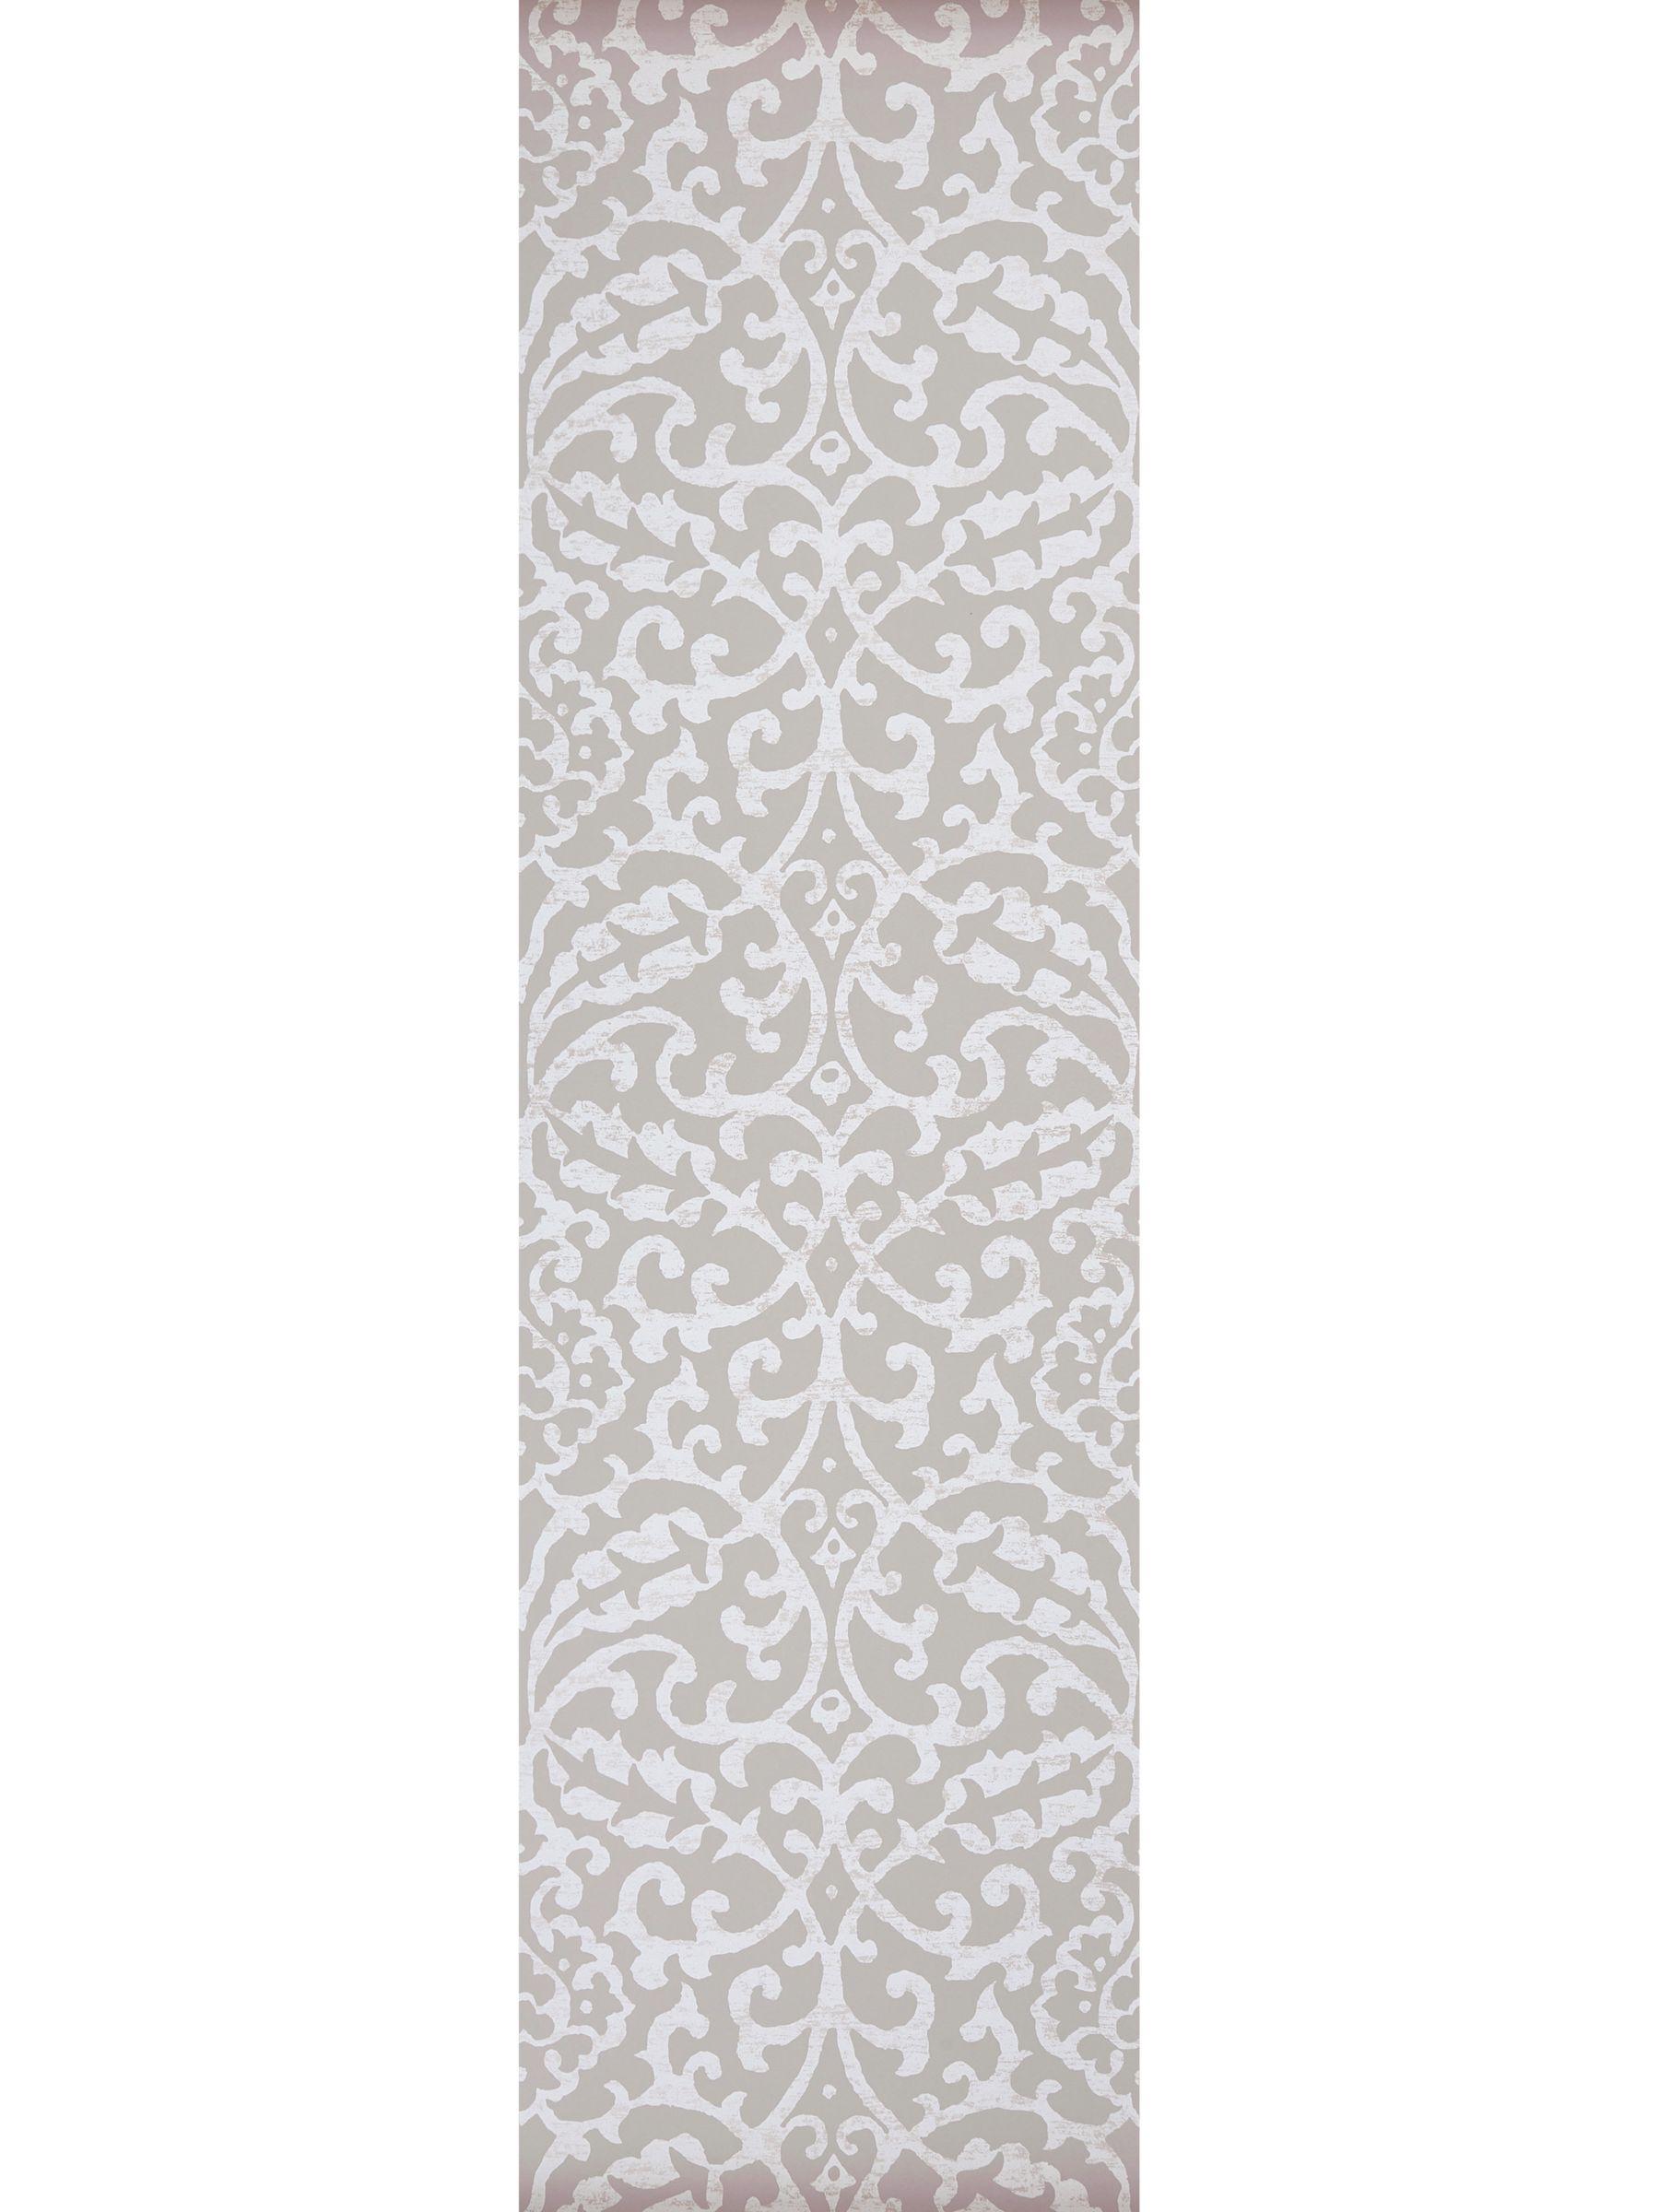 Nina Campbell Nina Campbell Brideshead Wallpaper